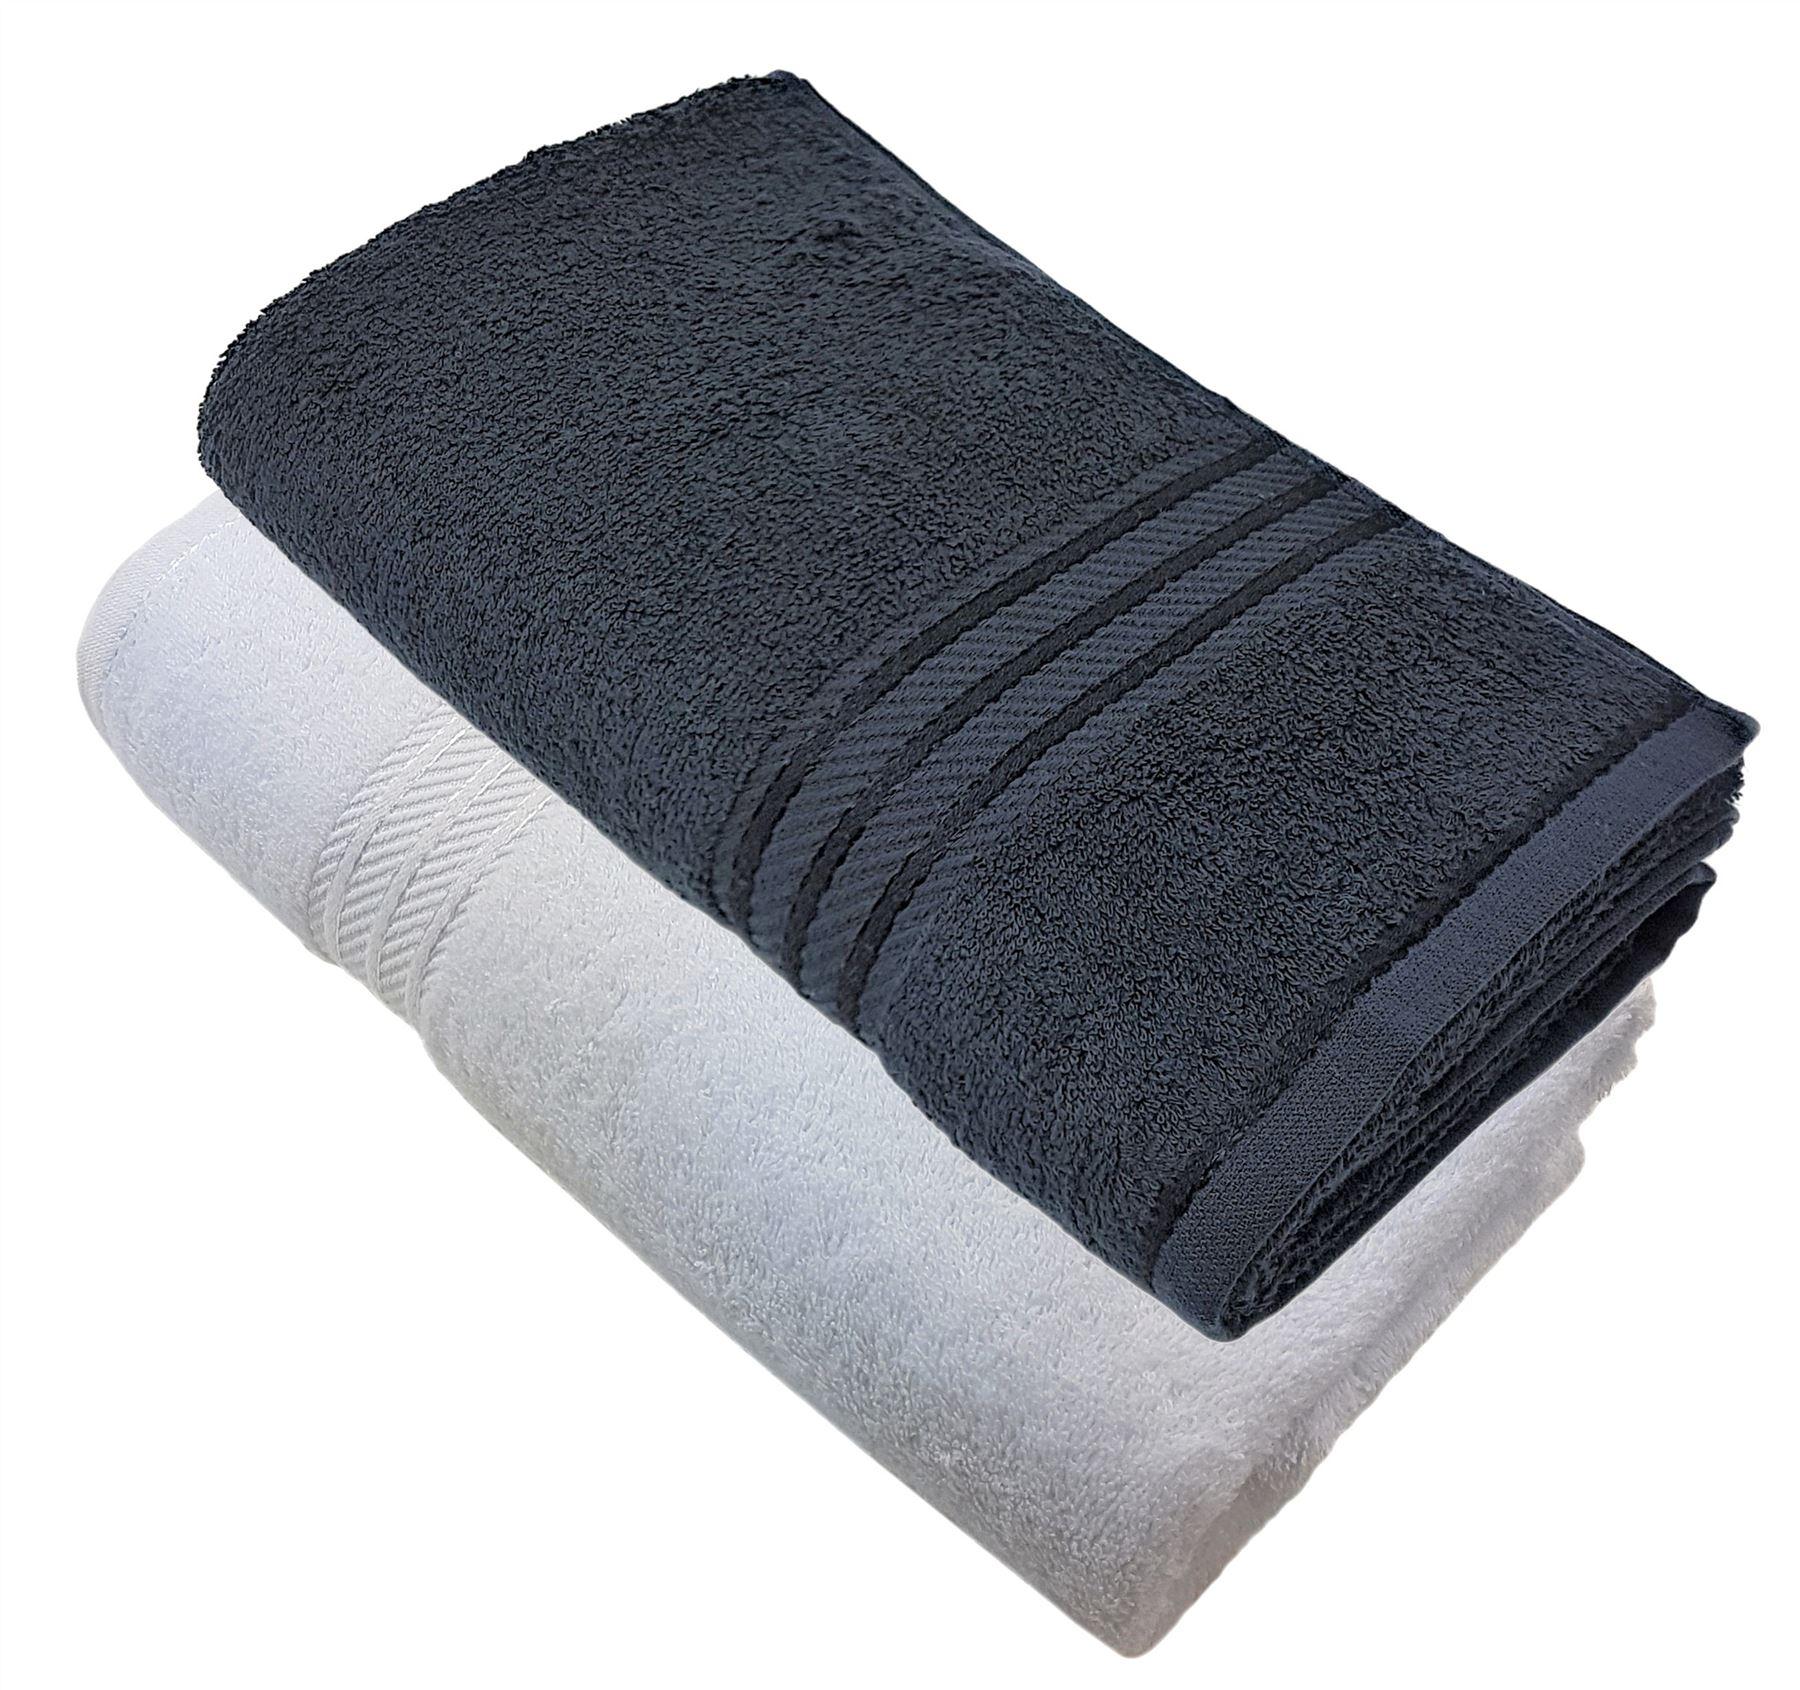 3 Pz A Righe Qualità Hotel Cotone Egiziano Bianco Mano Sciugamano Da Bagno Home & Garden Towels & Washcloths